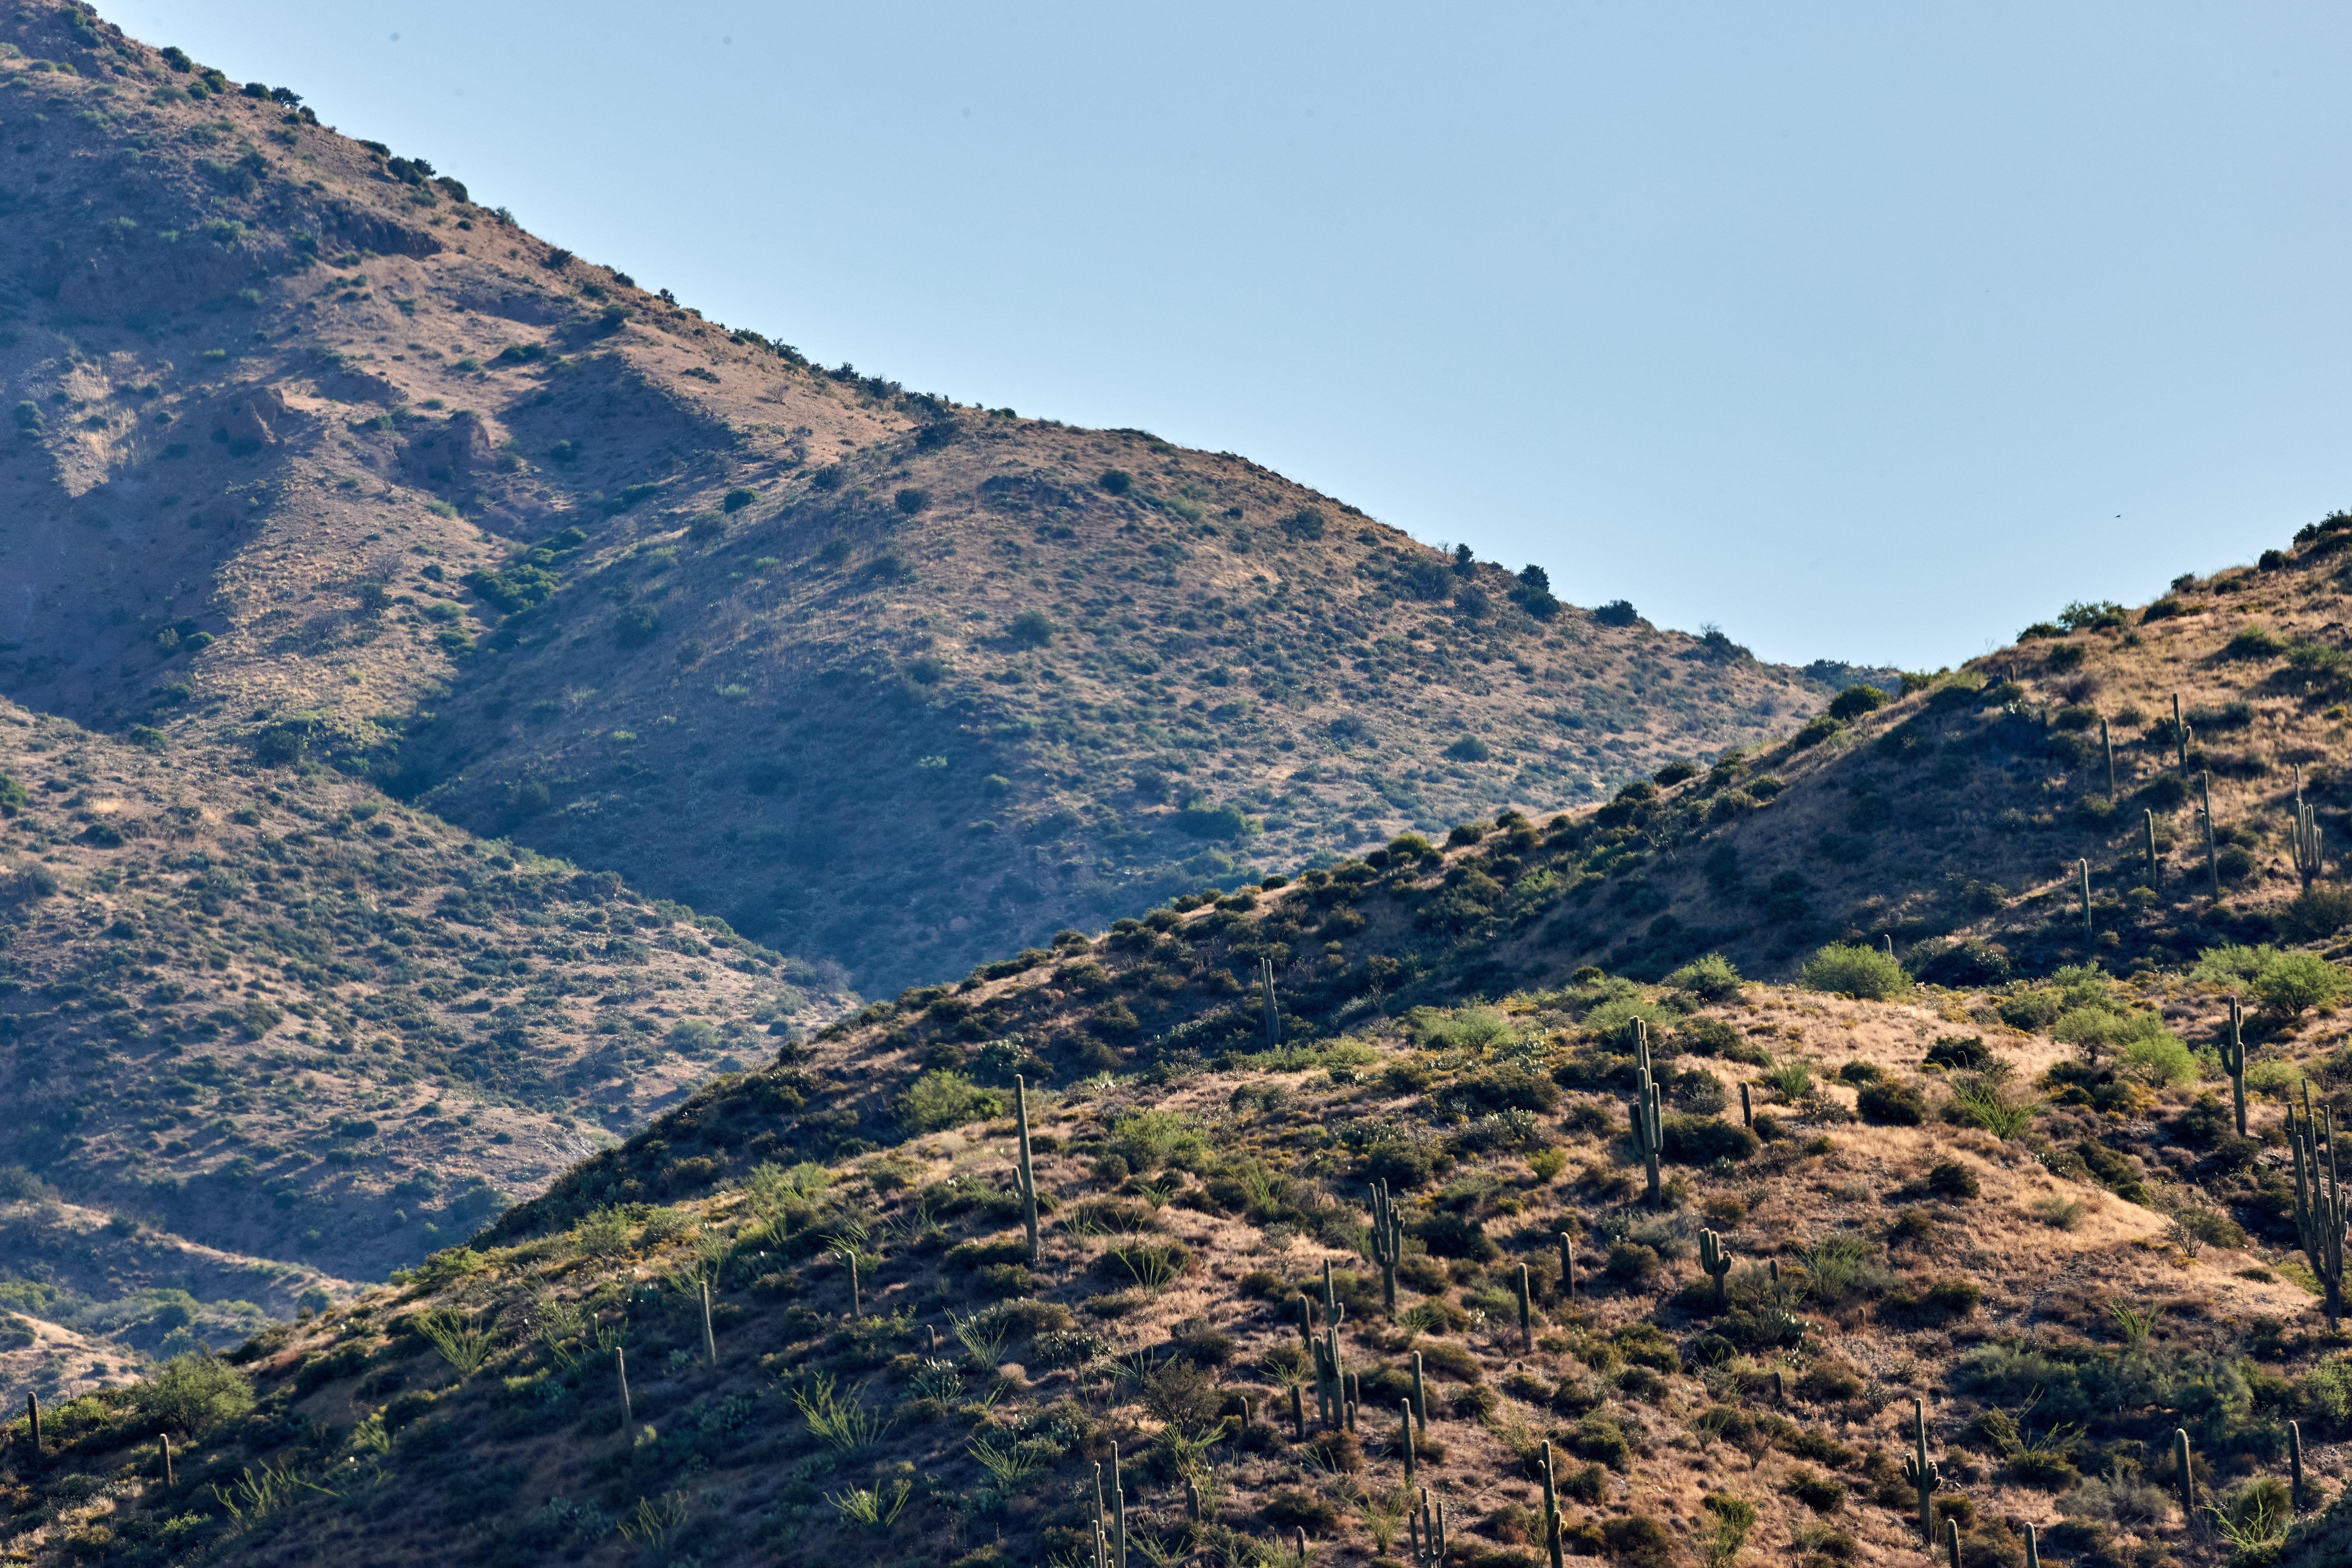 138420 descargar fondo de pantalla Naturaleza, Las Colinas, Colinas, Pendiente, Cuesta, Cielo, Arbusto, Cactus: protectores de pantalla e imágenes gratis